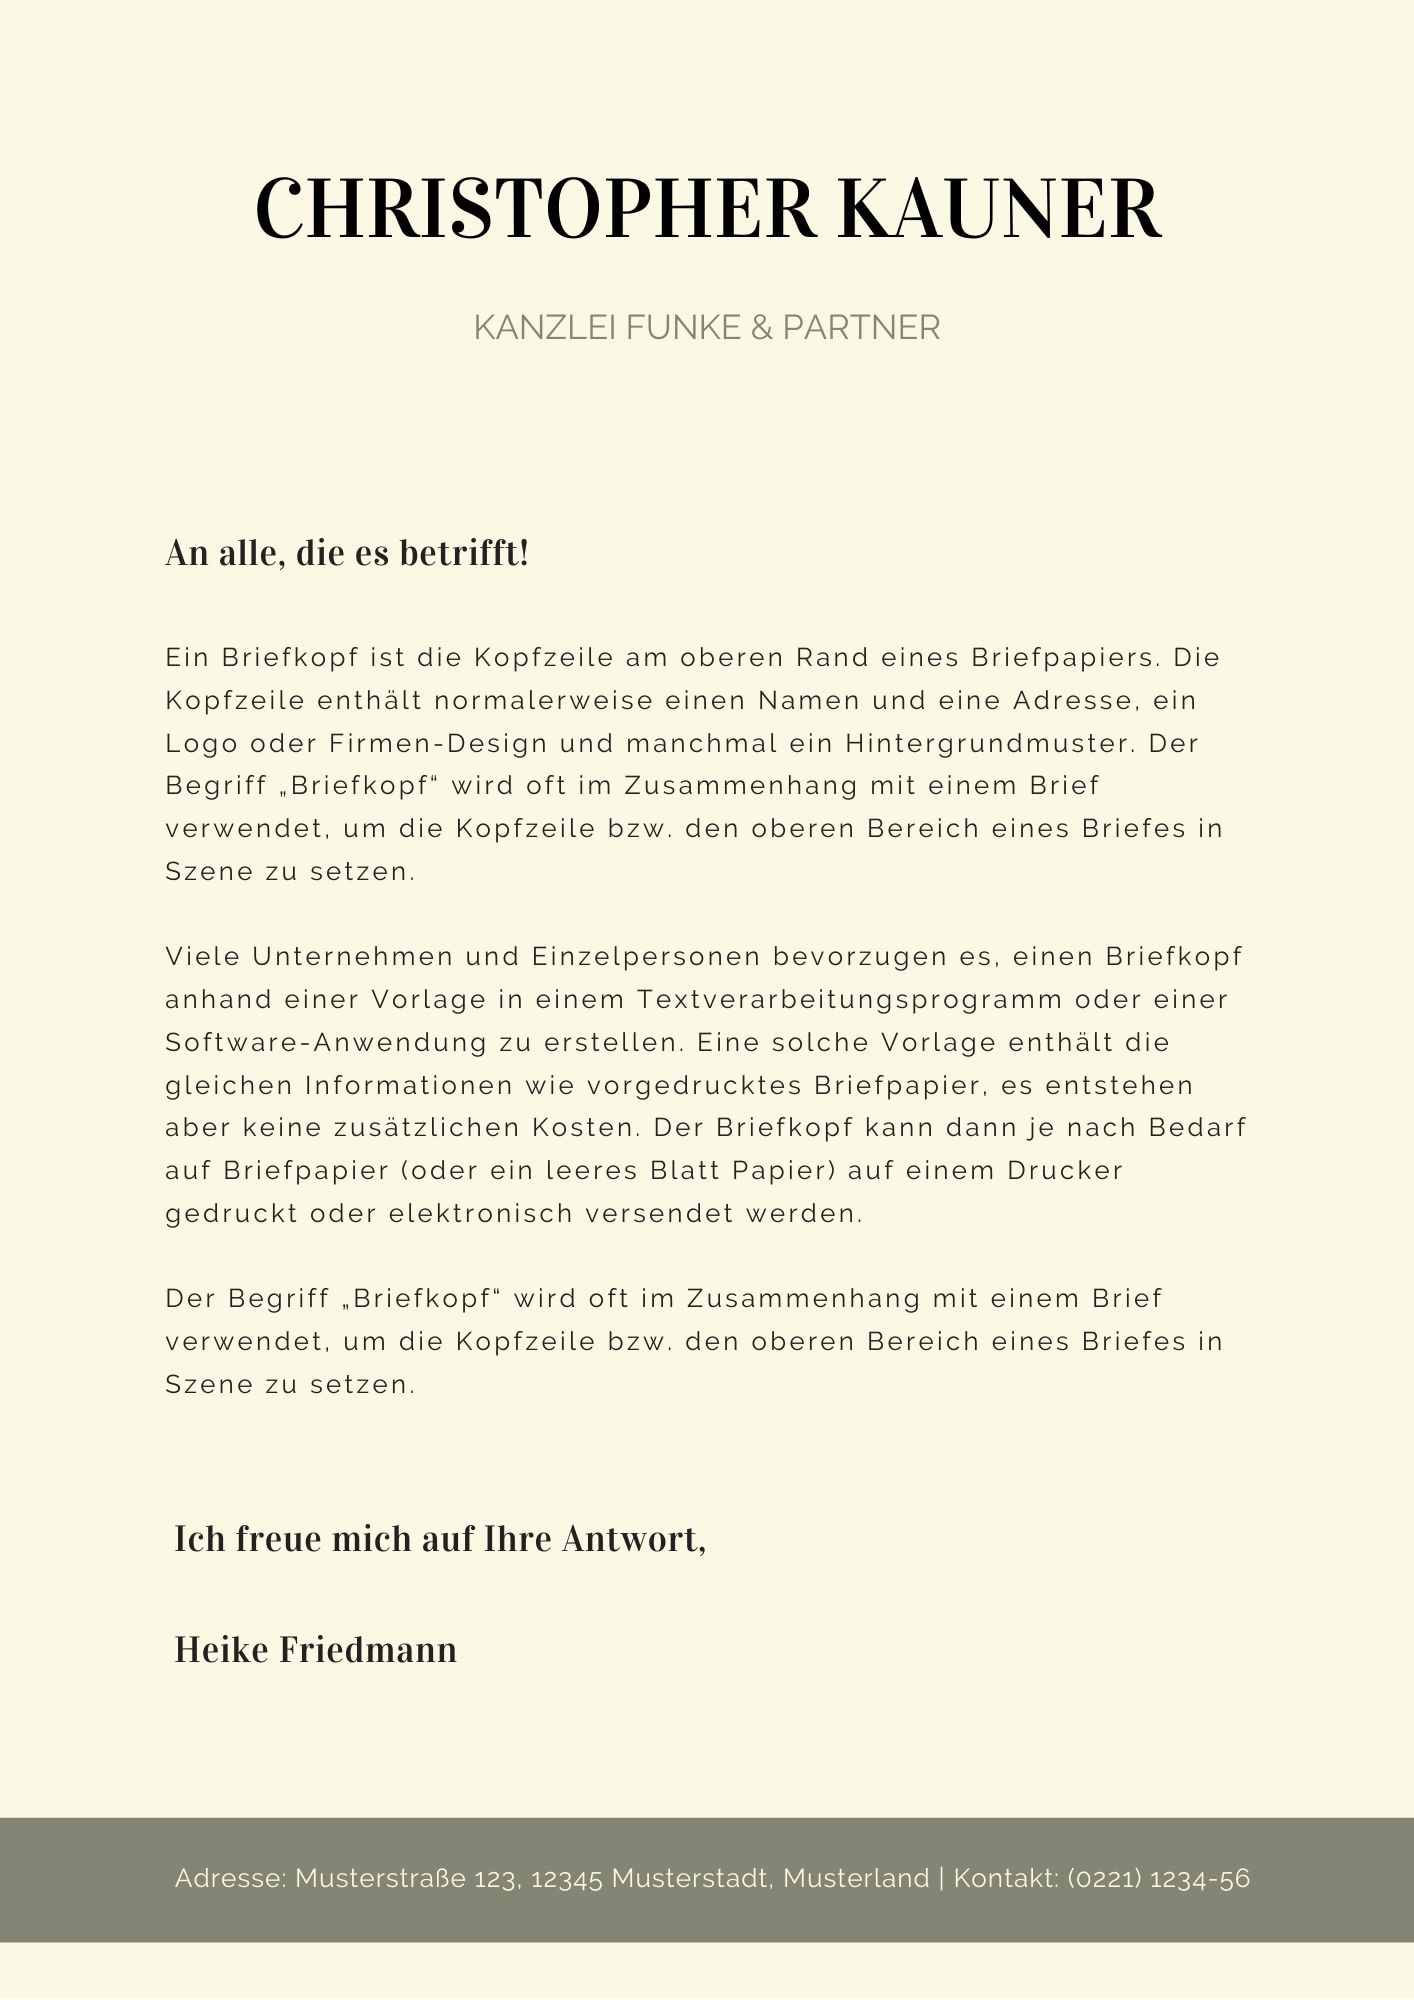 Kostenlose Word Briefkopf Vorlagen Herunterladen 12